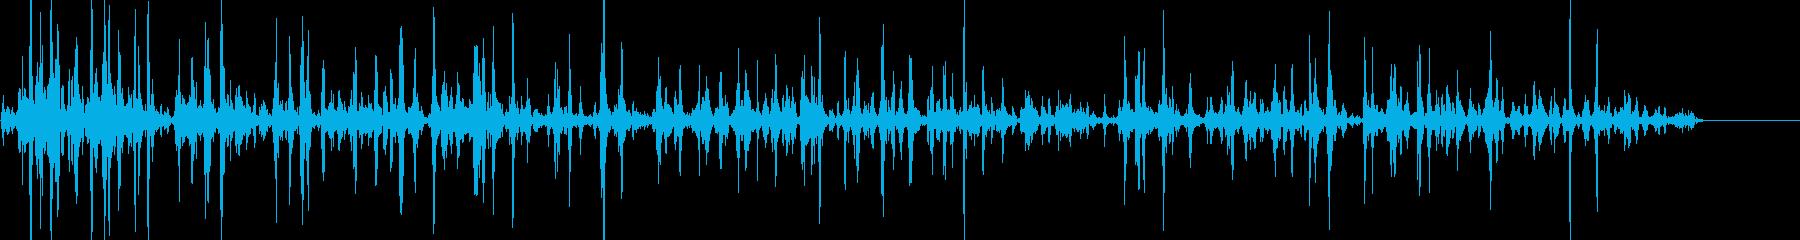 ぶくぶく02の再生済みの波形